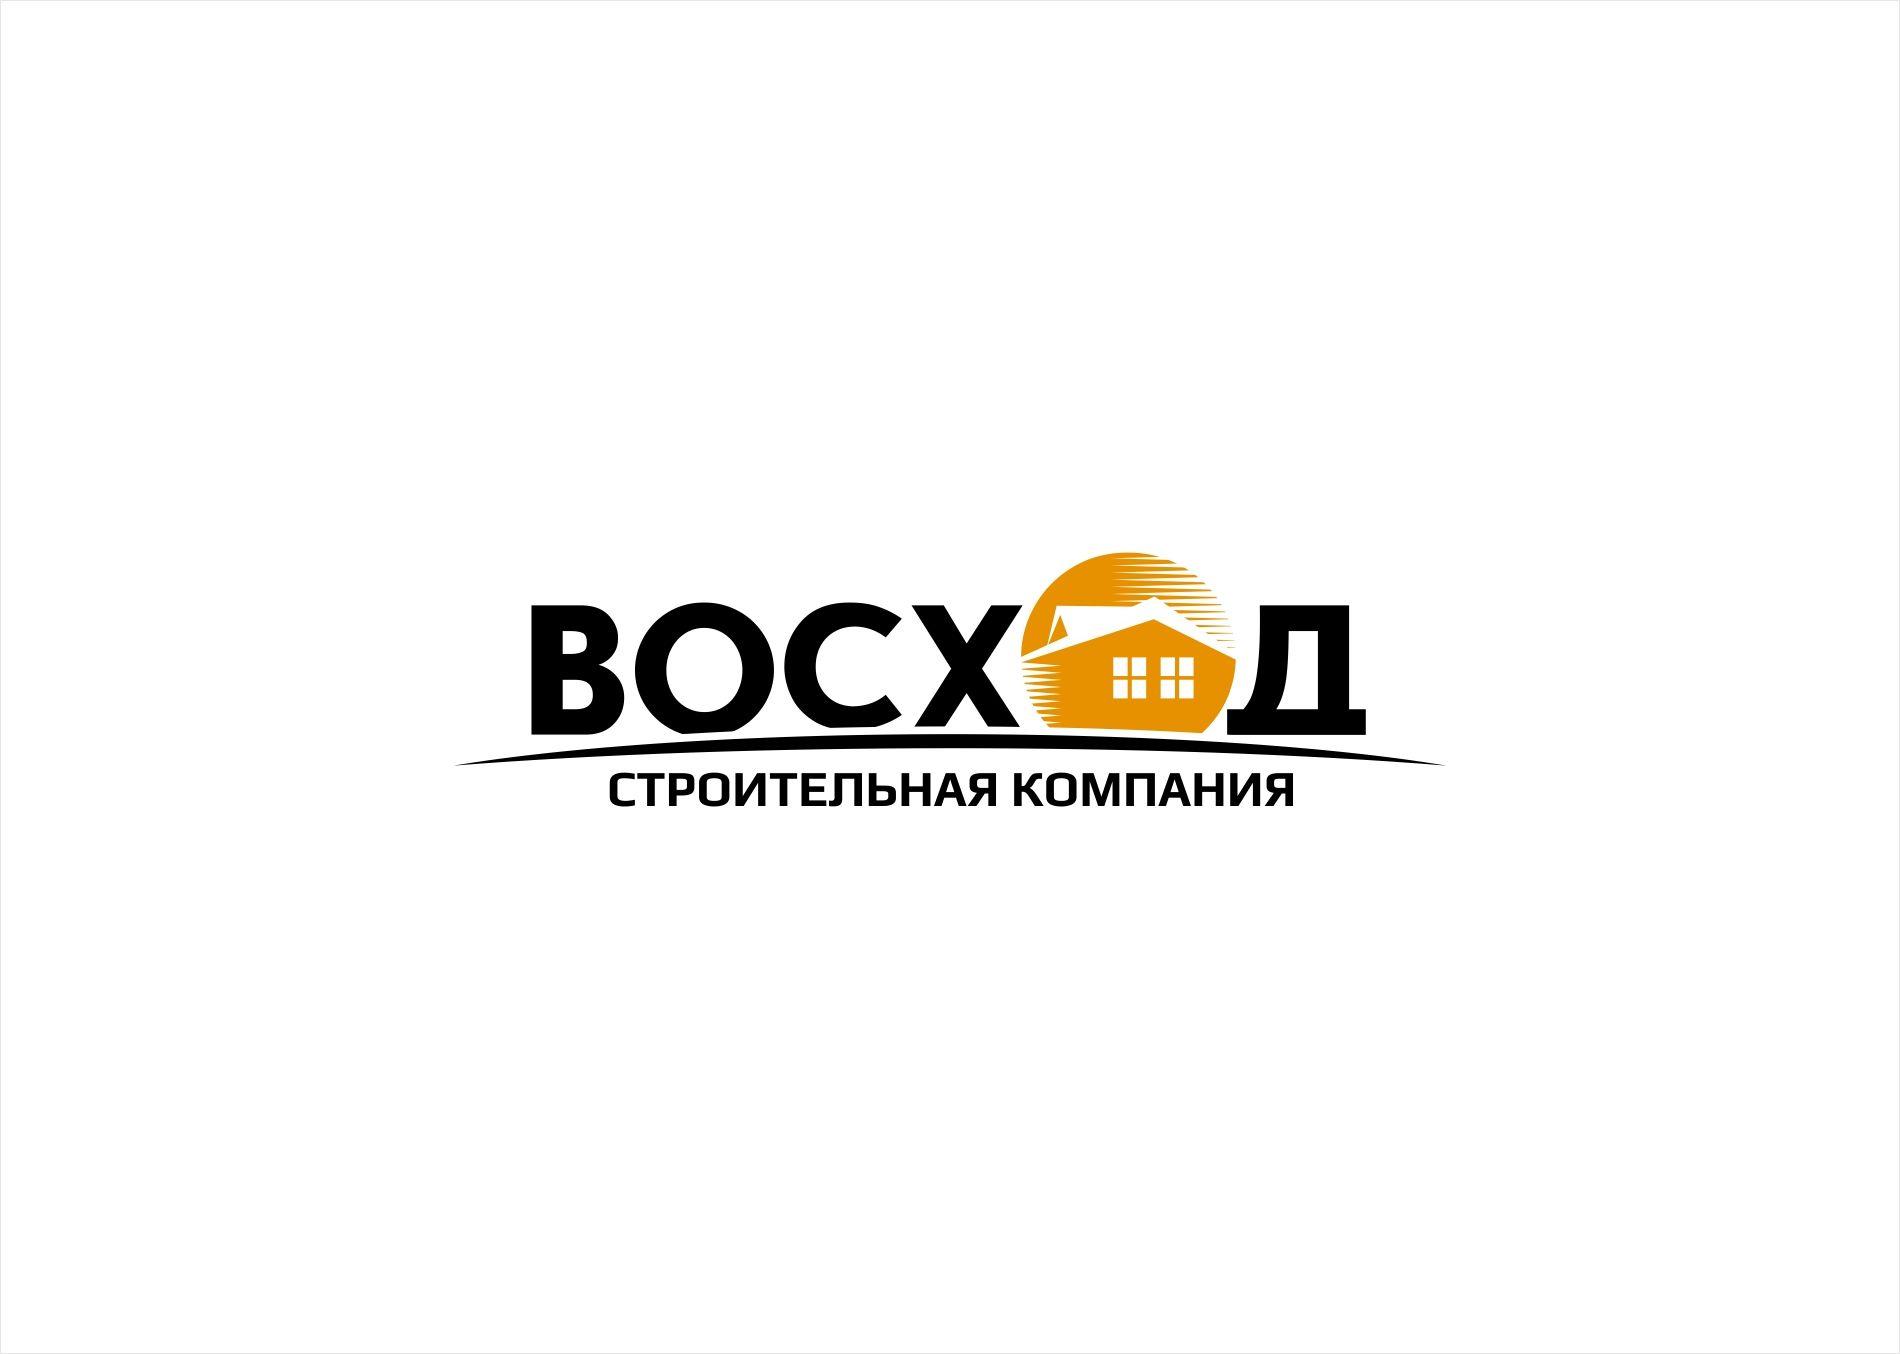 Логотип для строительной компании - дизайнер kras-sky